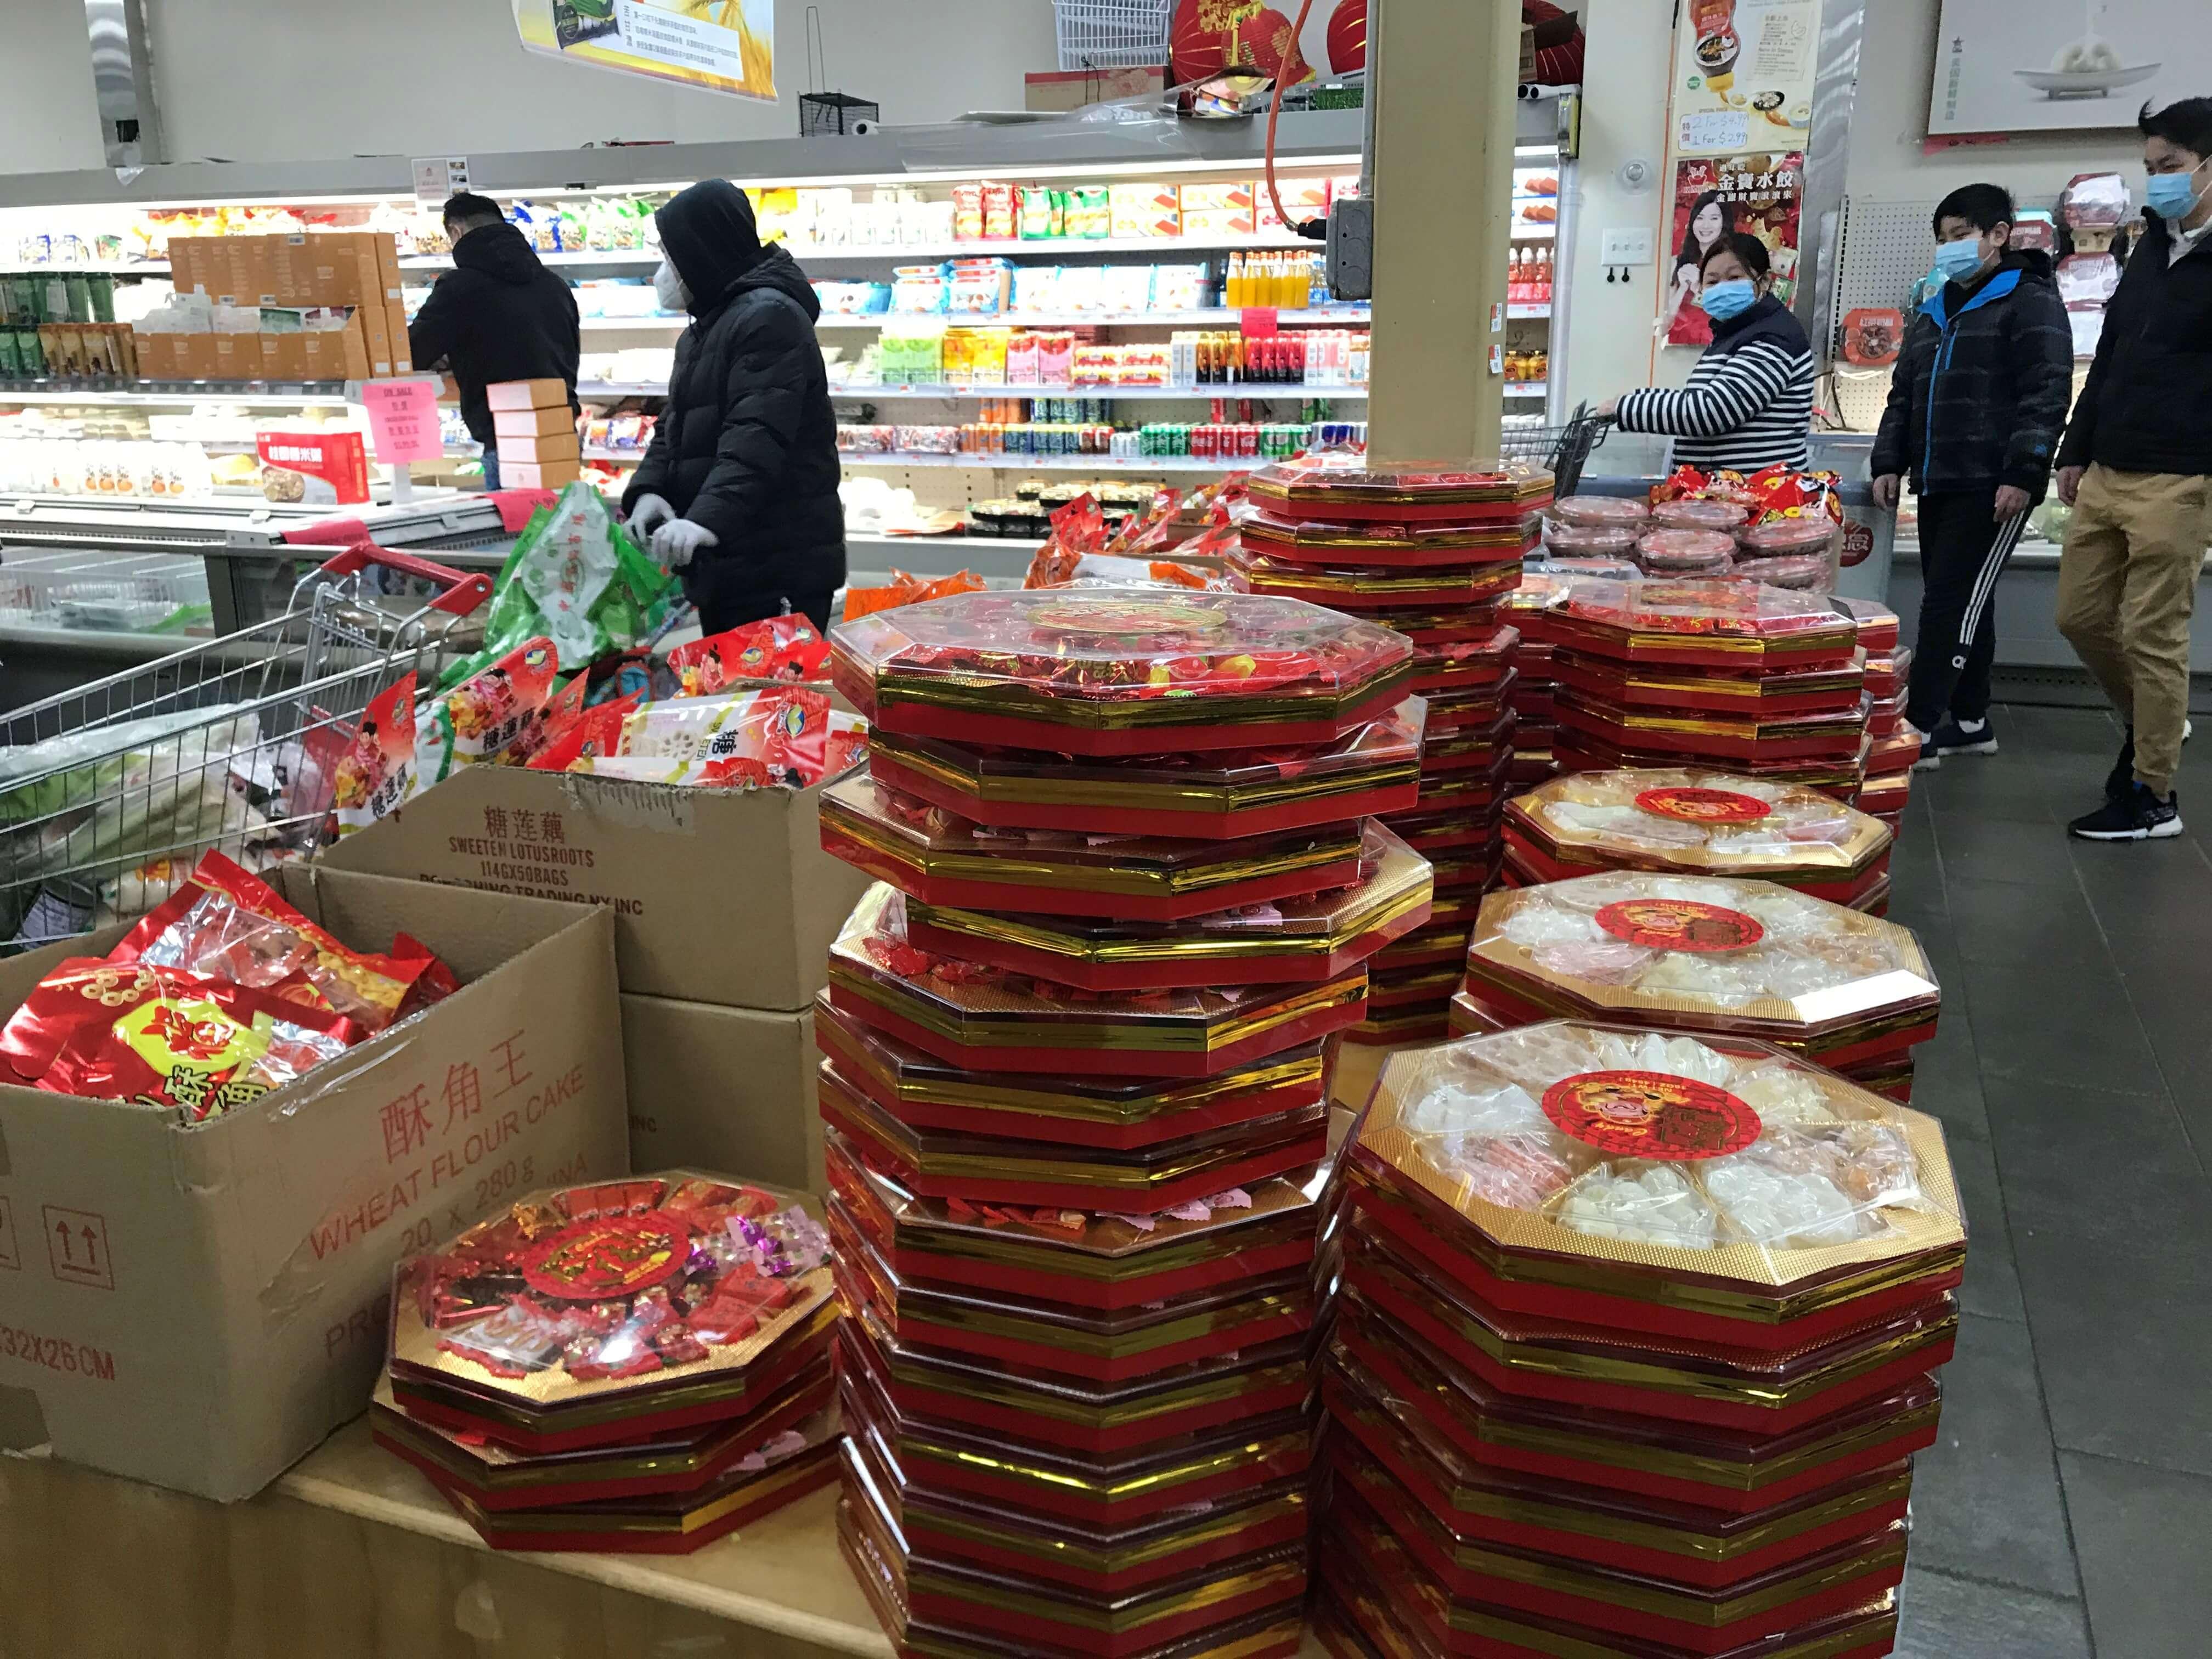 从新平价超市销售网红李子柒代言食品看海外华人饮食消费新动向